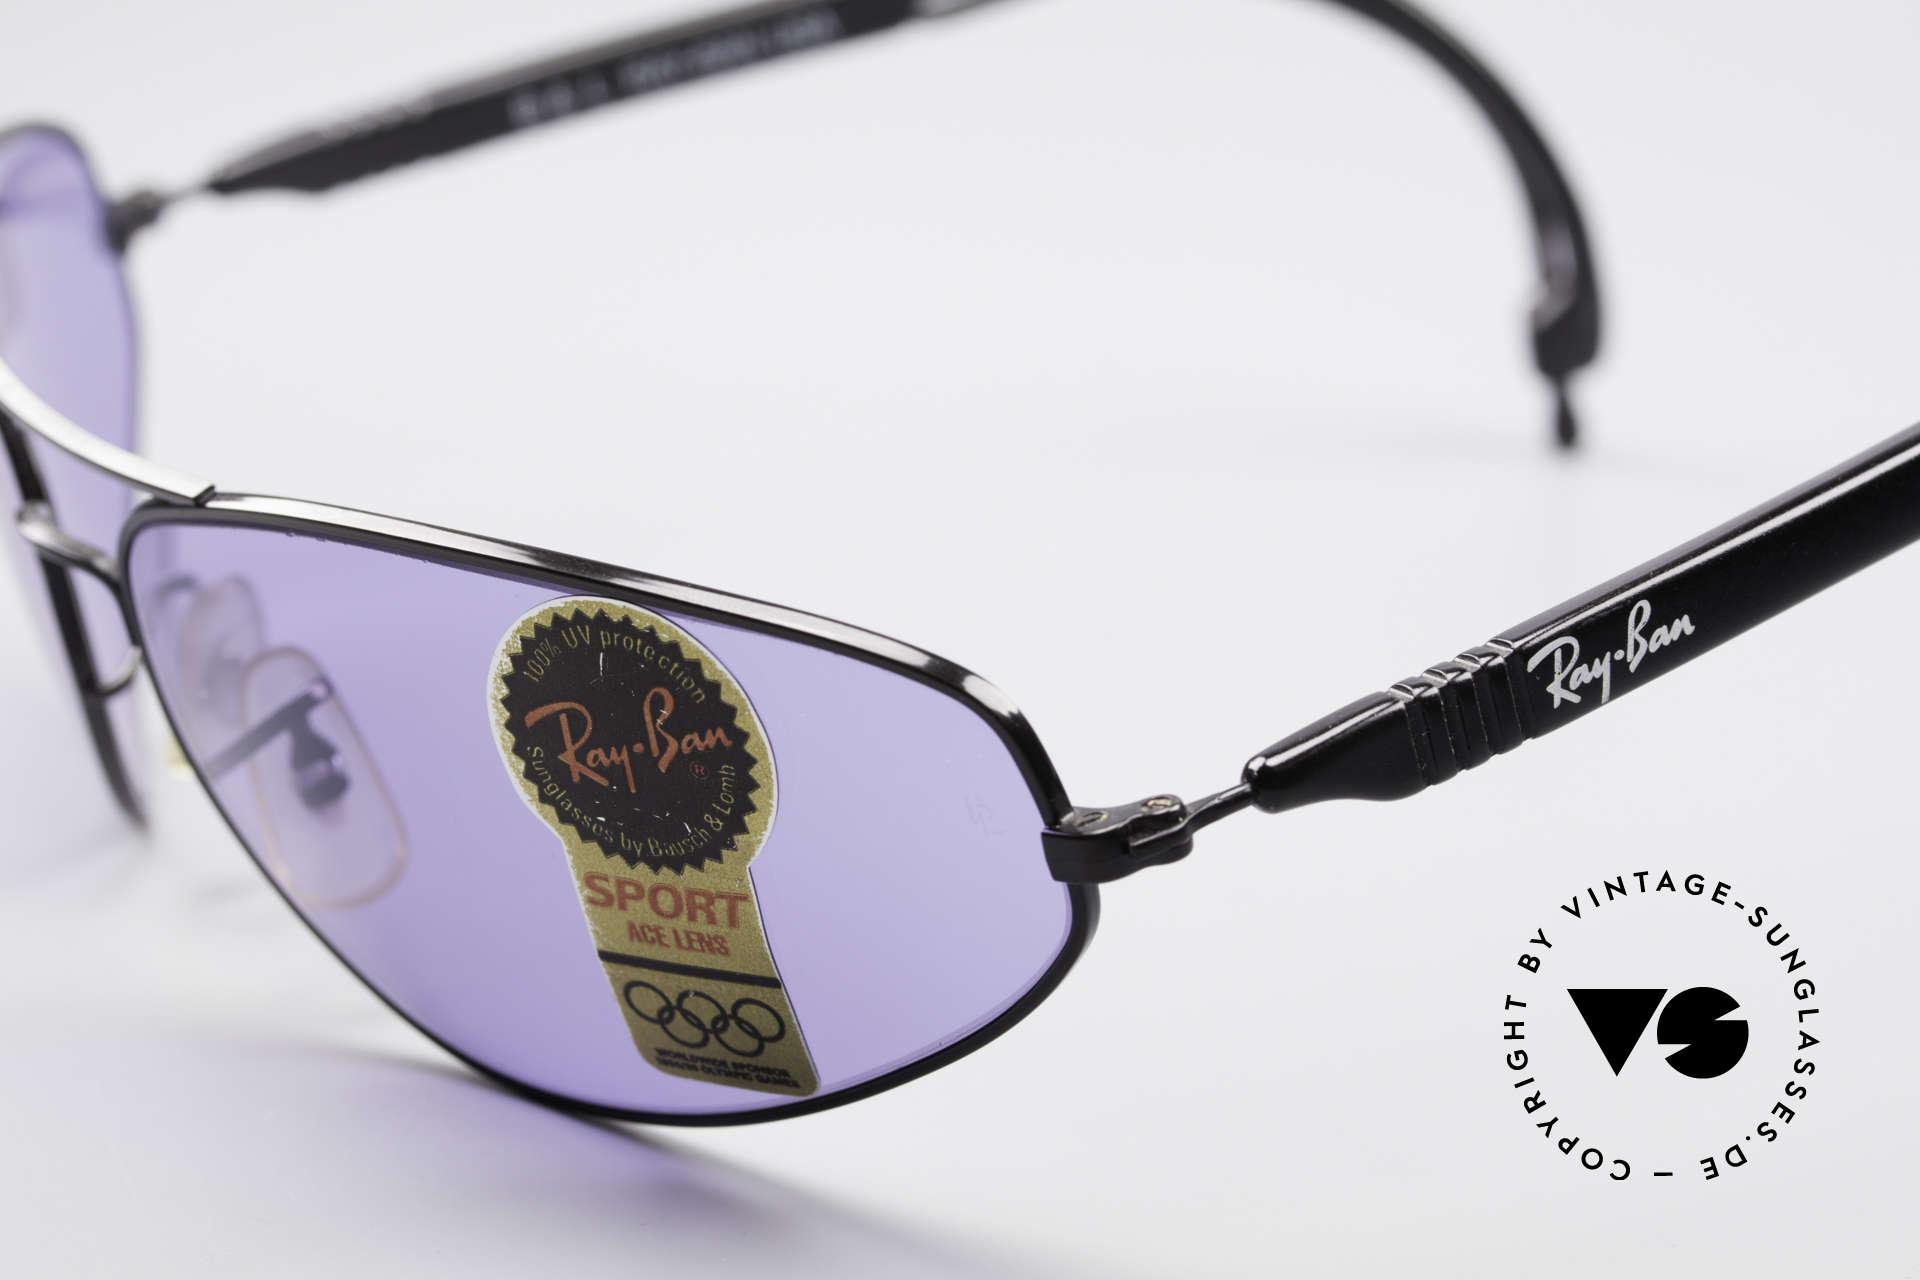 Ray Ban Sport Series 3 ACE Chromax B&L Gläser, KEINE Retrobrille, sondern ein altes USA-Original, Passend für Herren